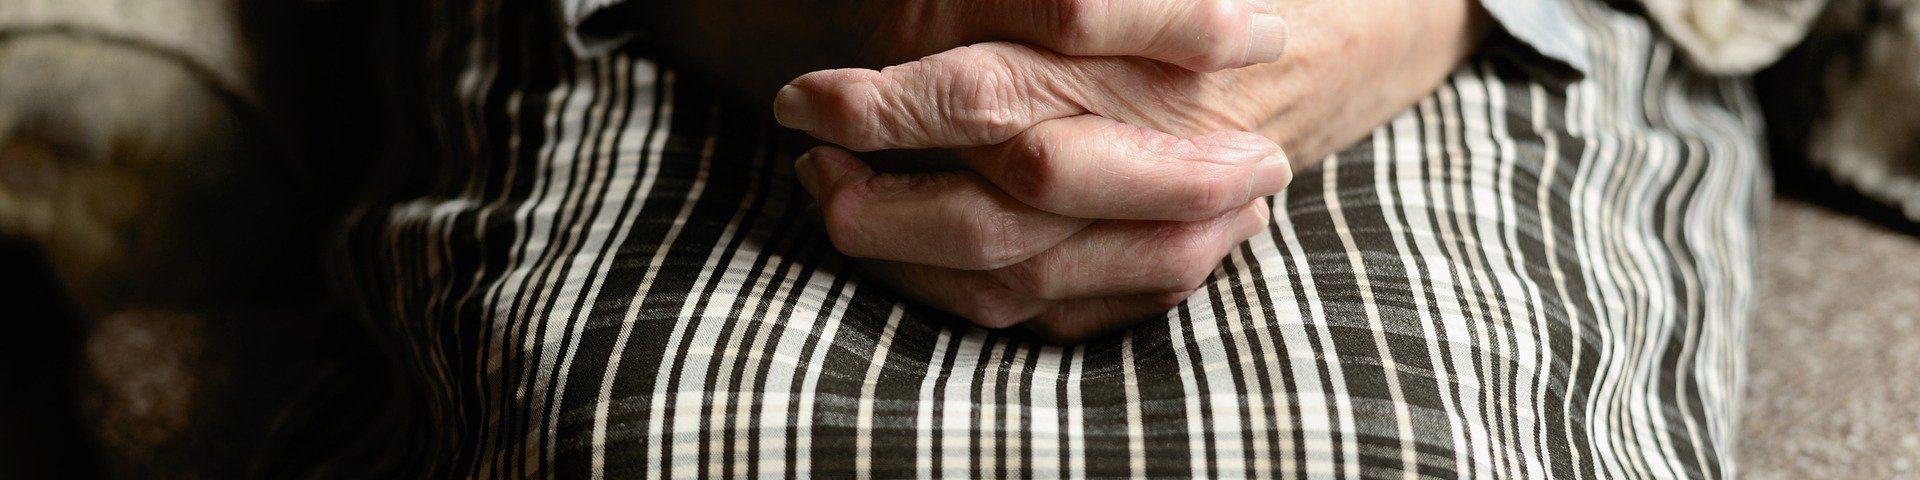 Hands 4051469 1920